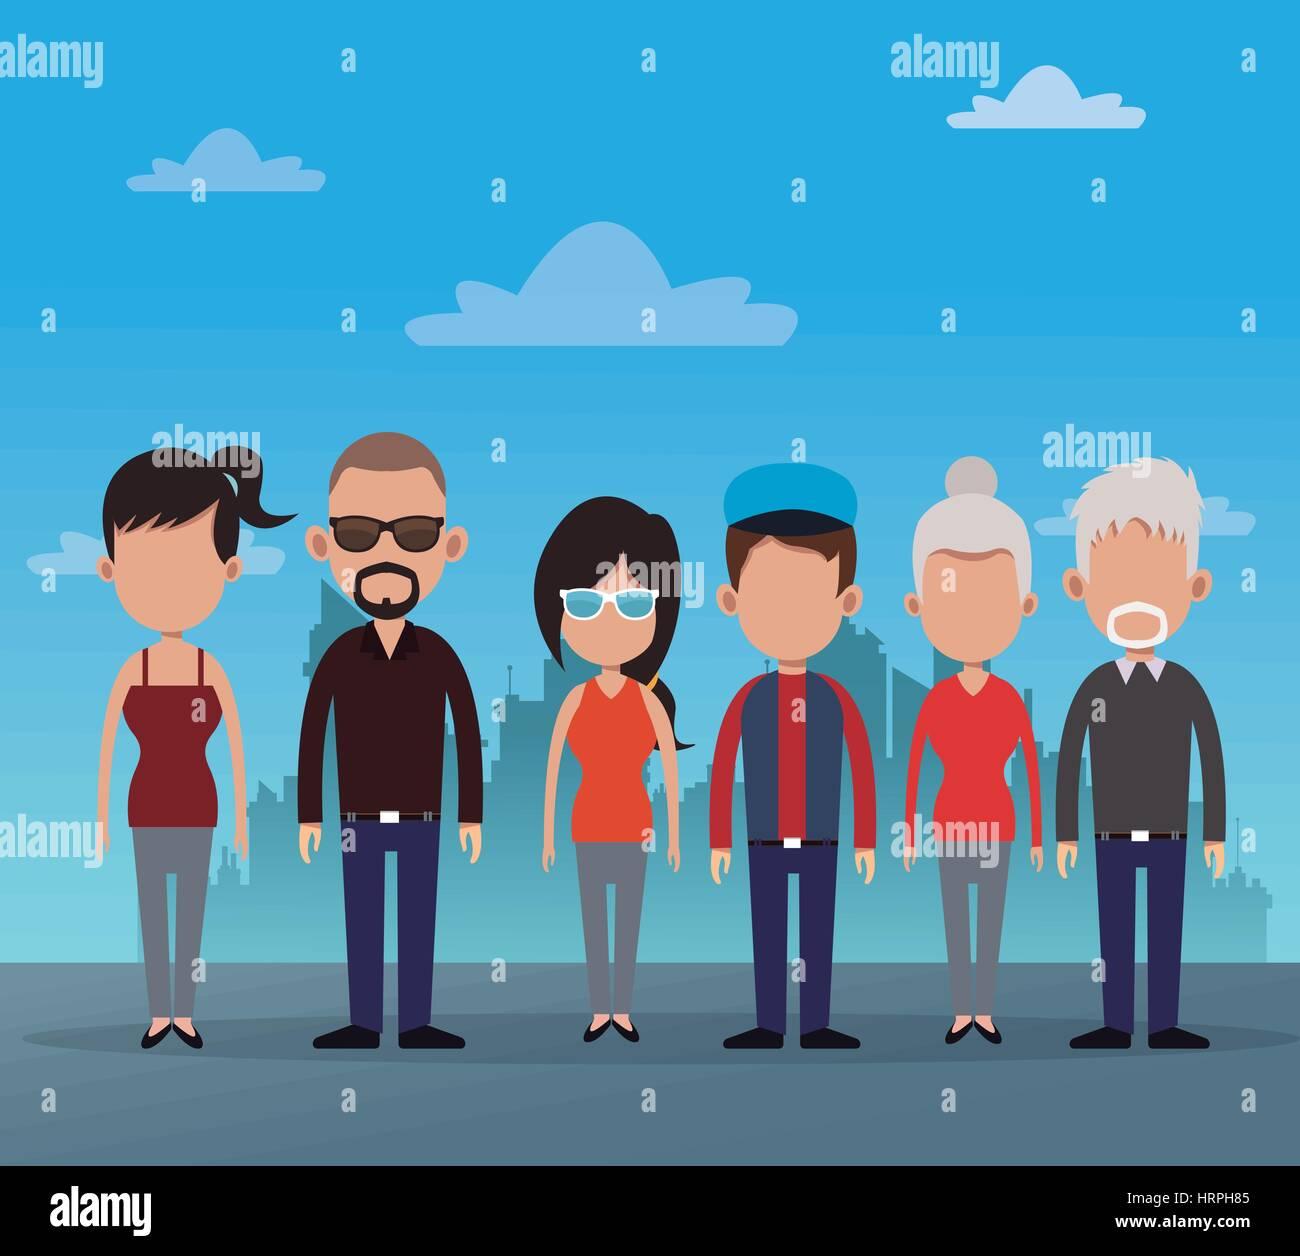 Las personas del grupo social comunitaria Imagen De Stock